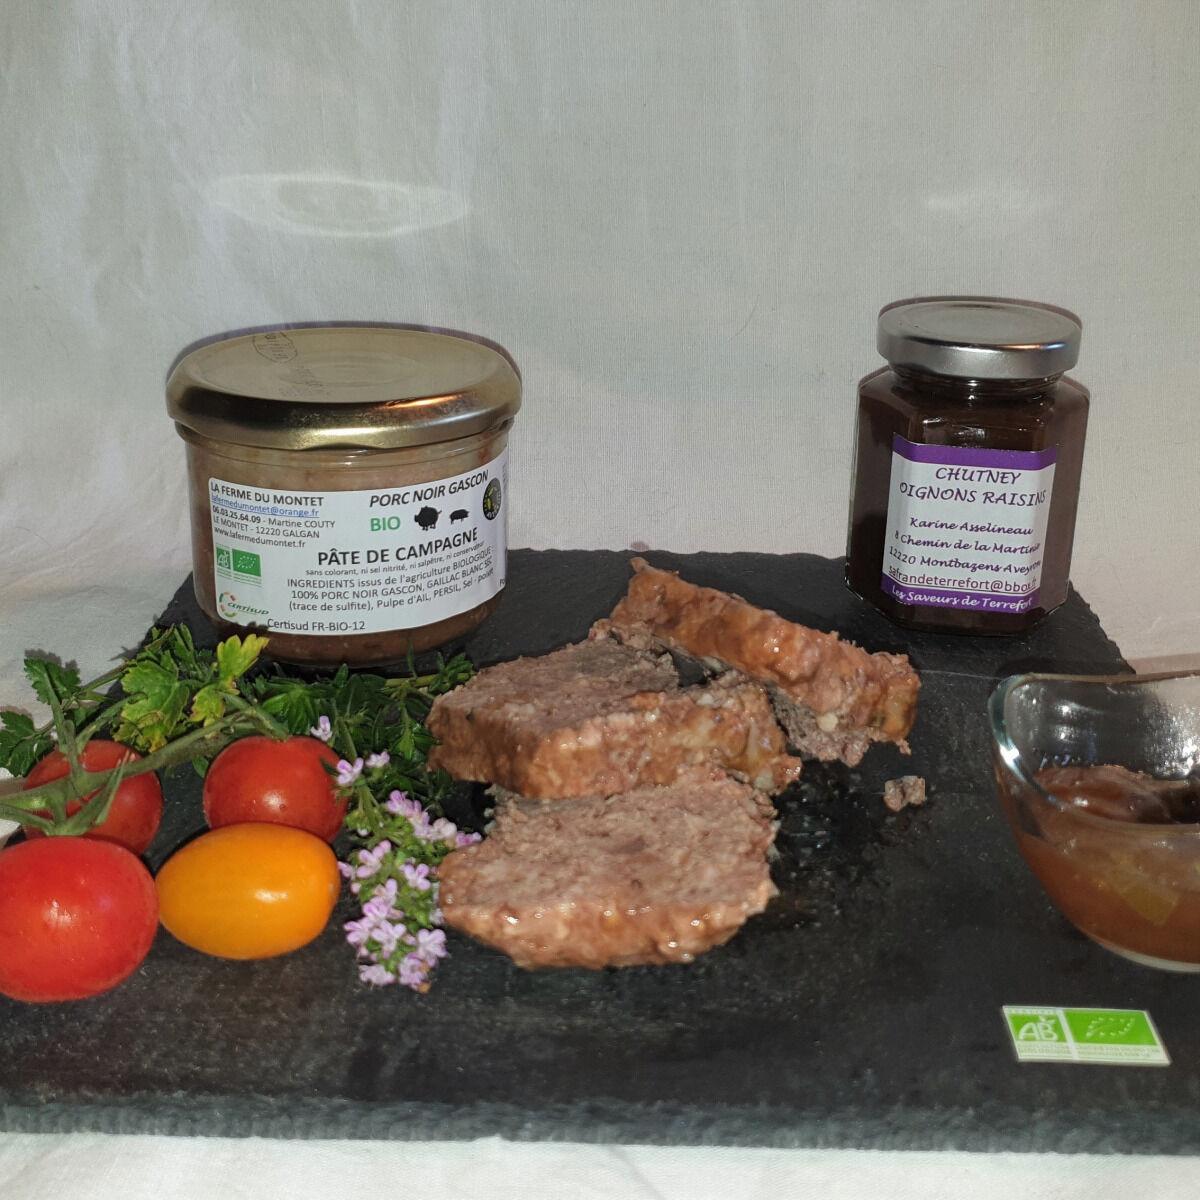 La Ferme du Montet Pâté de campagne de Porc Noir Gascon BIO 190 g